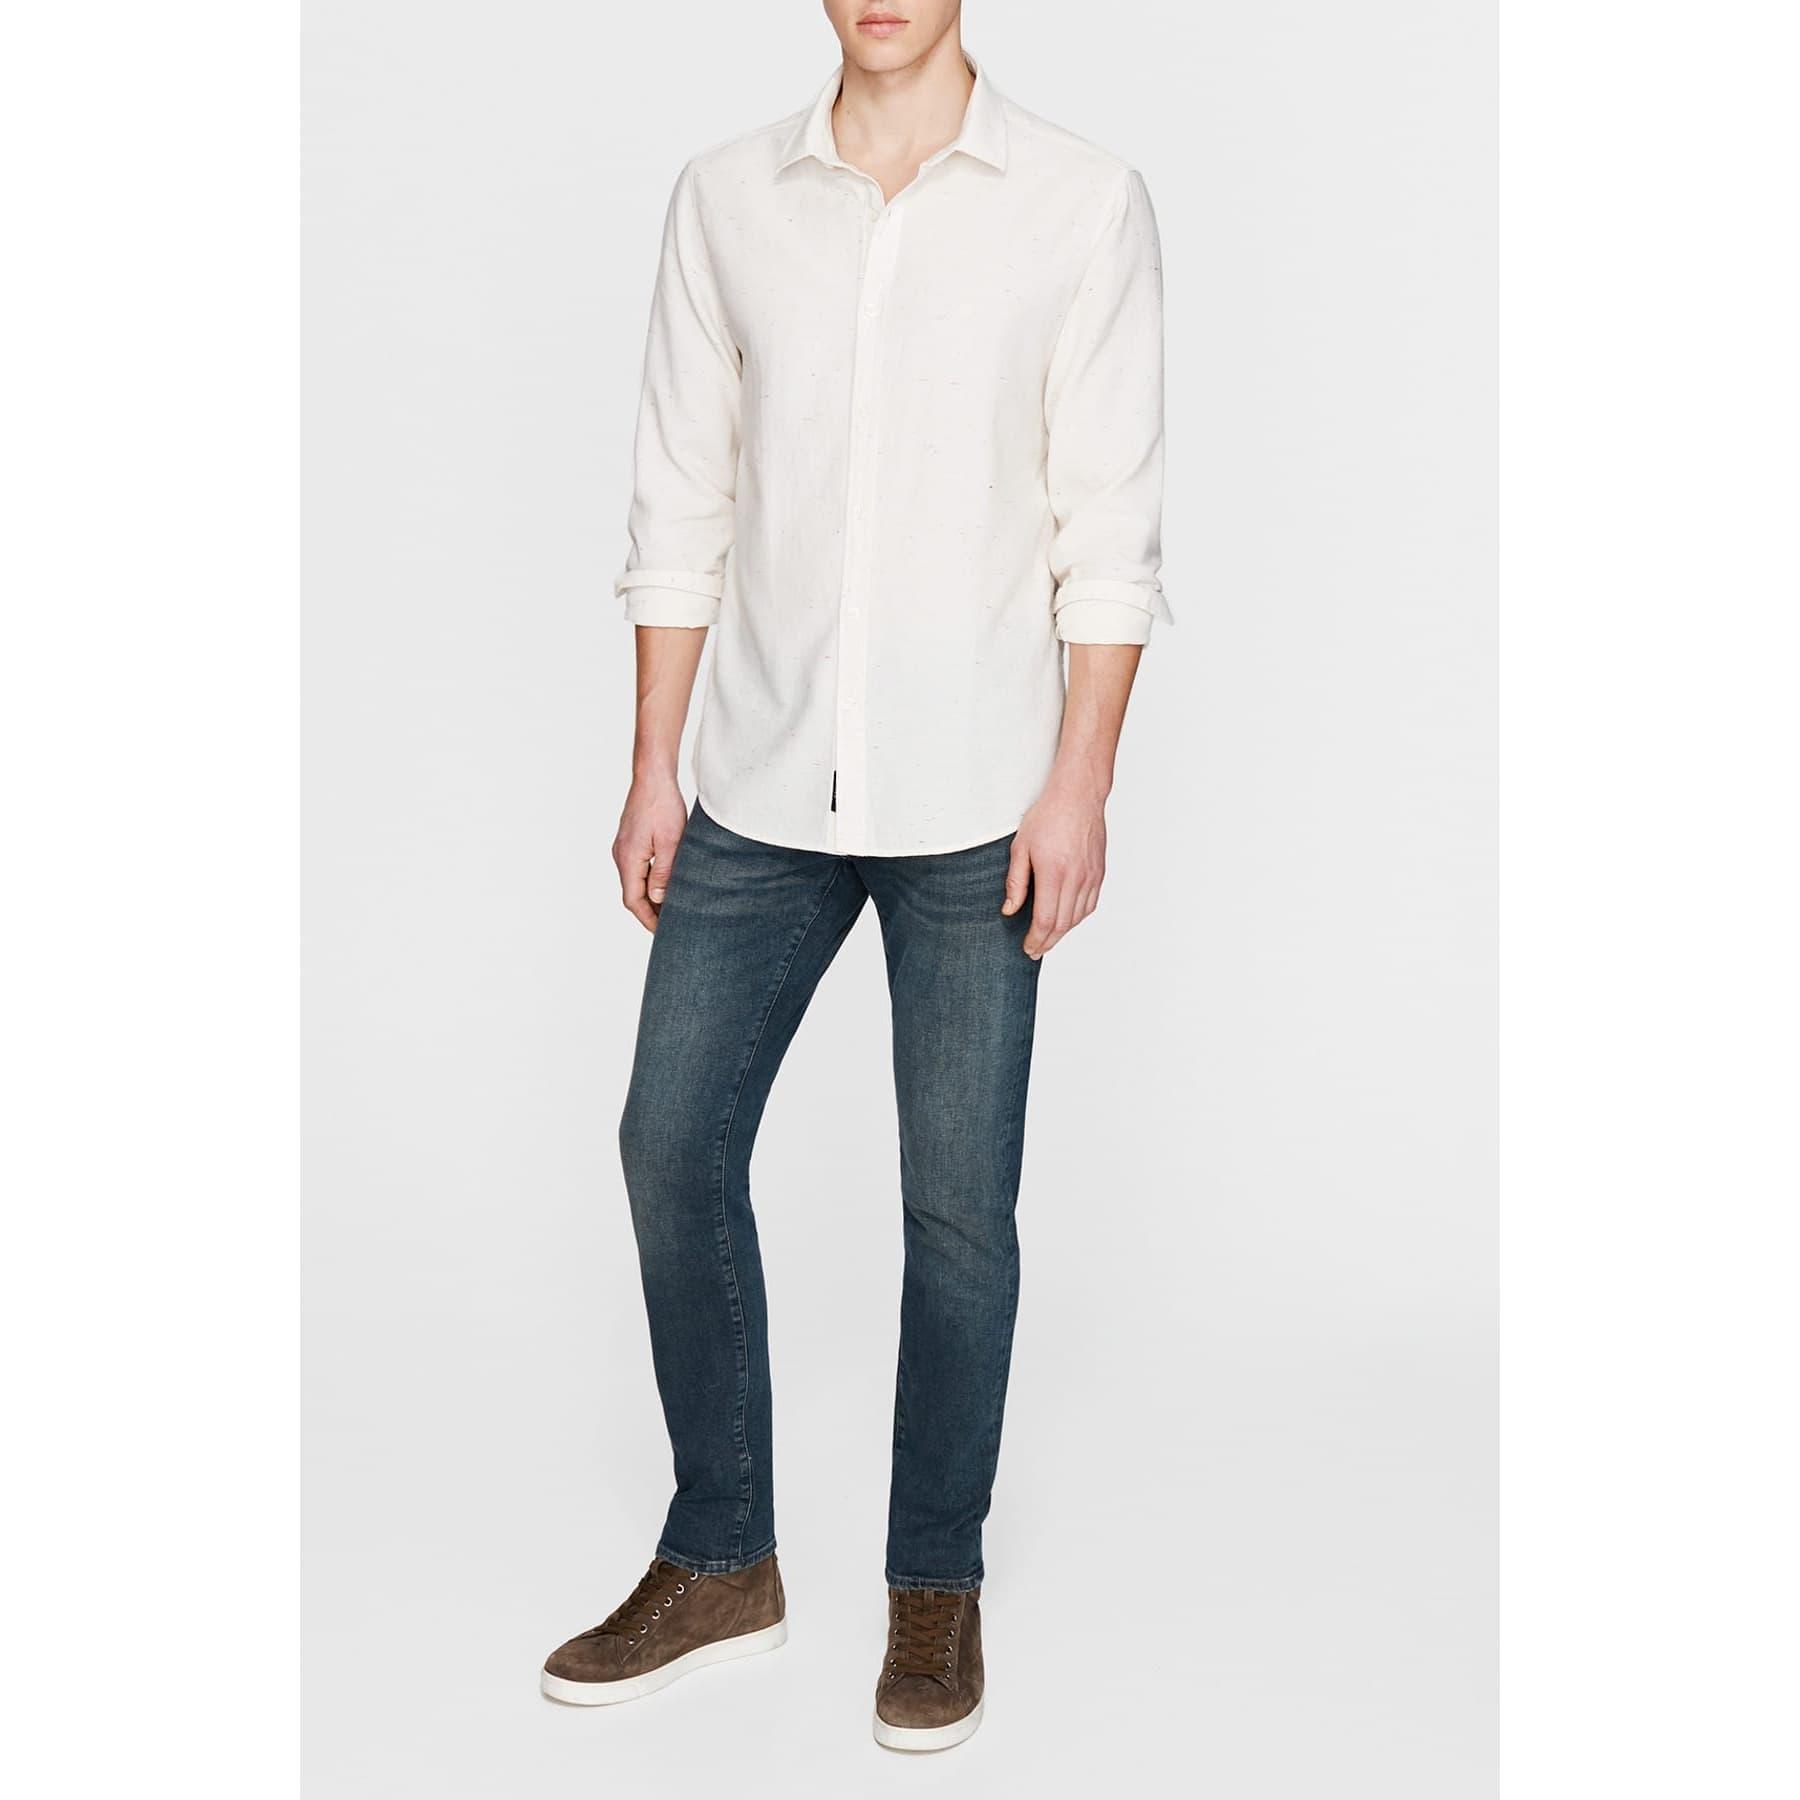 Uzun Kol Gömlek Kırık Beyaz